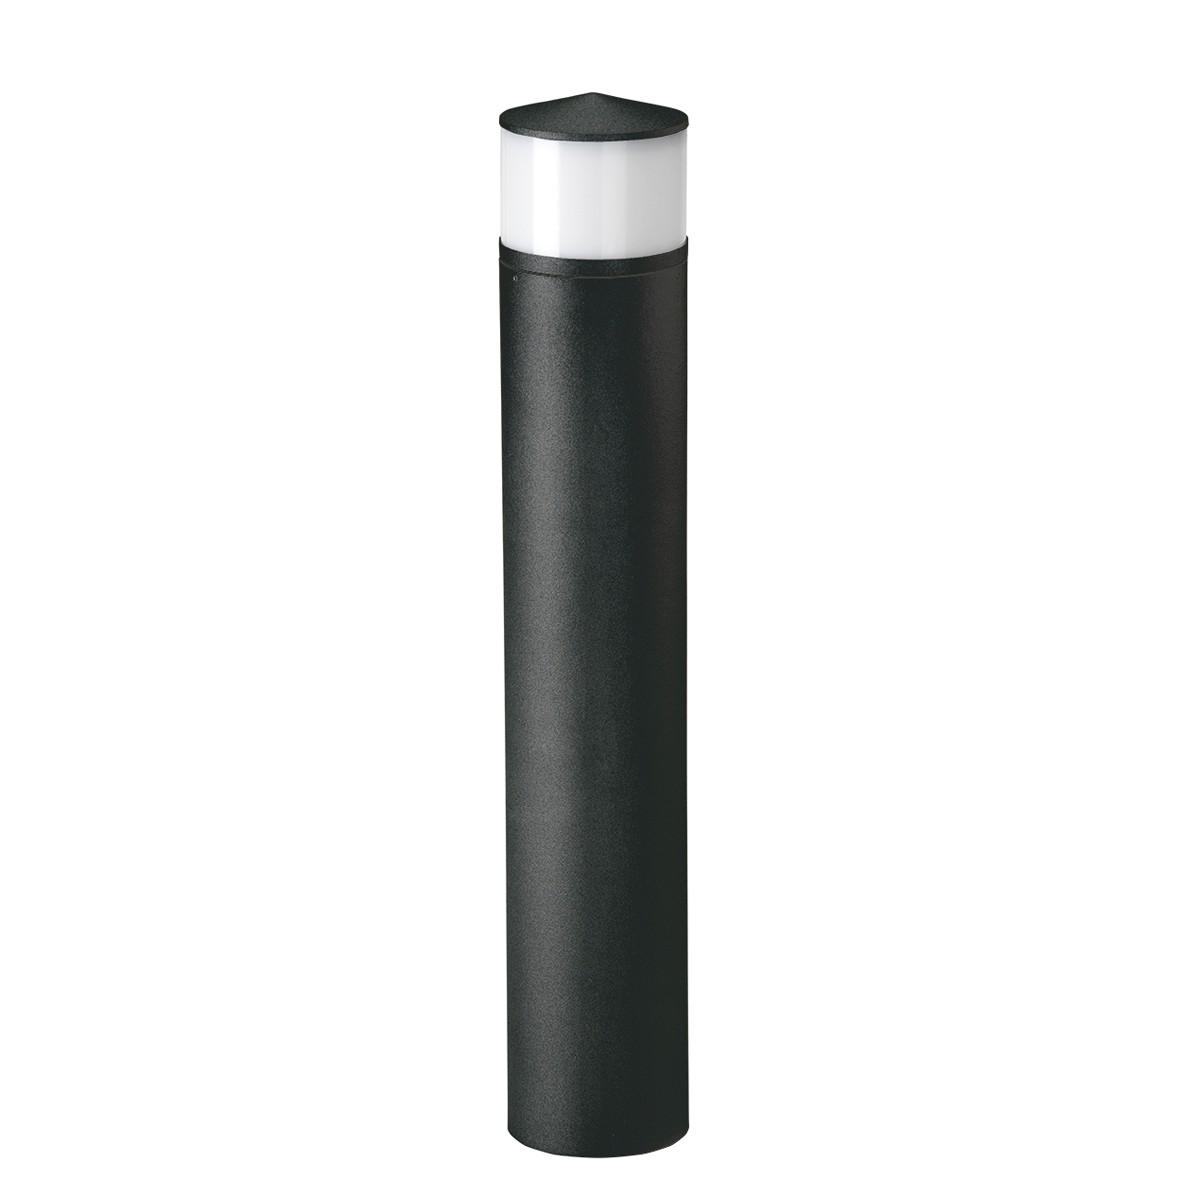 Albert 2240 LED Pollerleuchte, schwarz